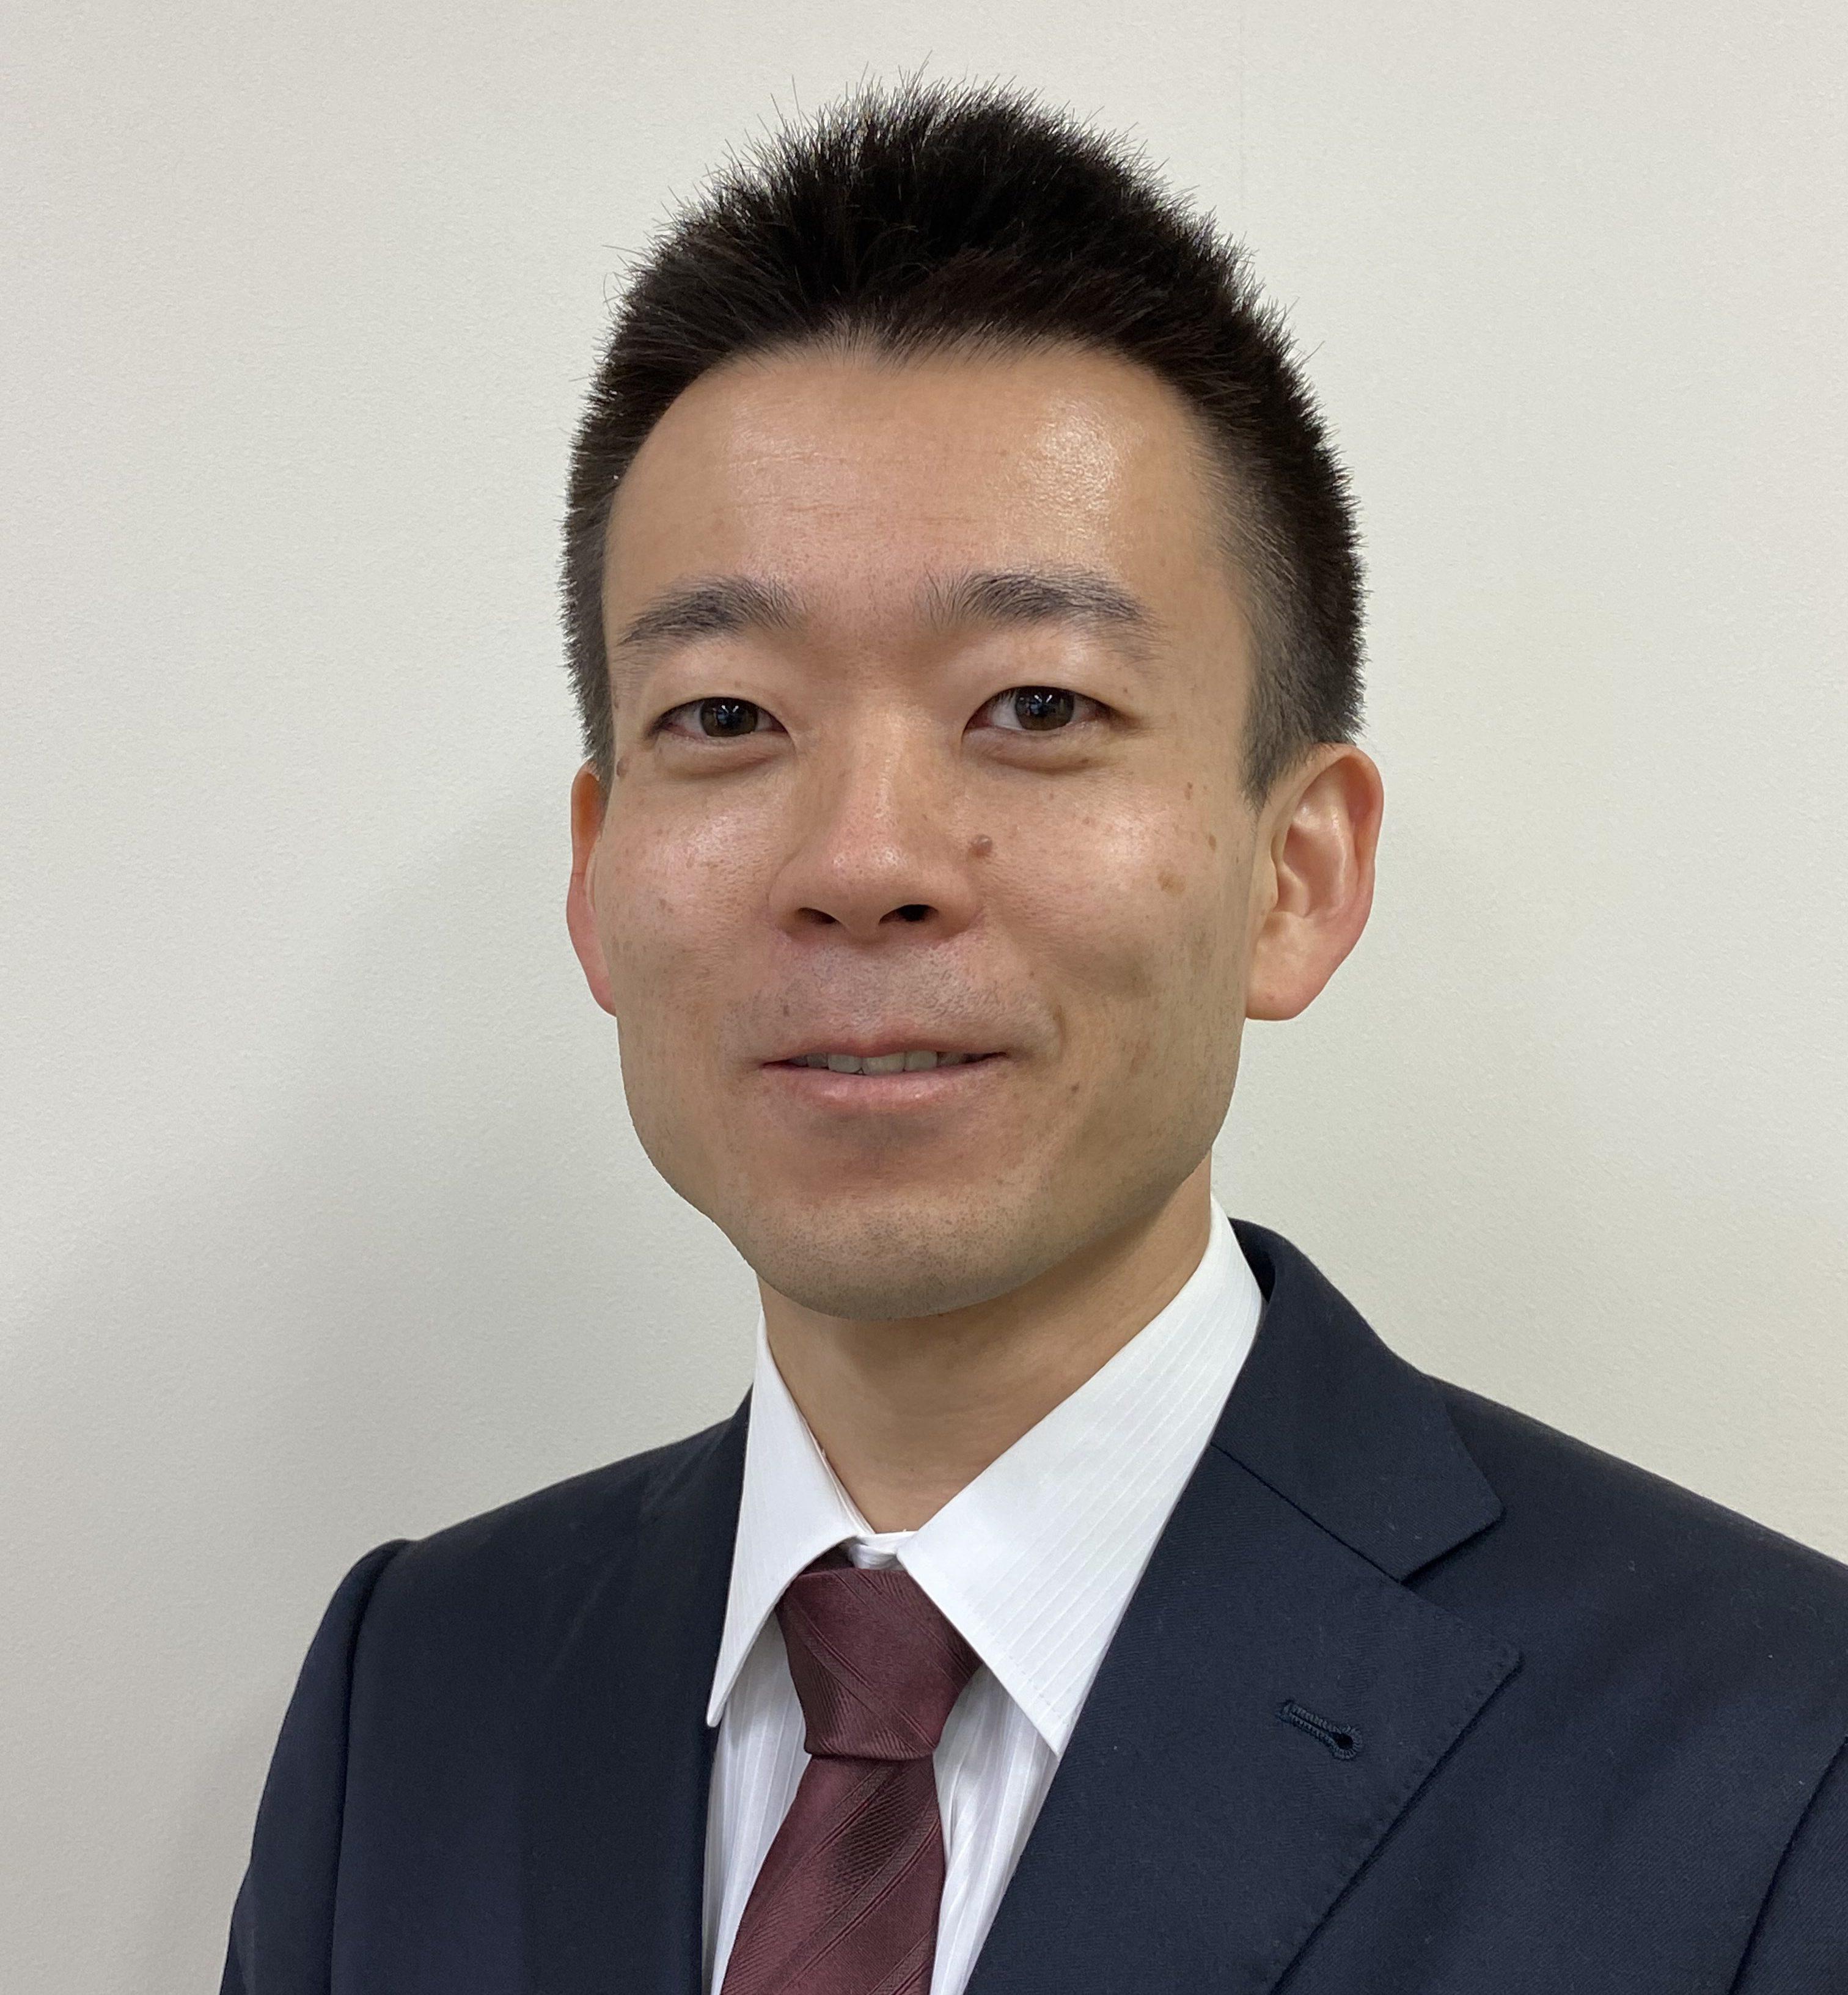 臨床研究フェロー鈴木亮が4月1日に着任しました